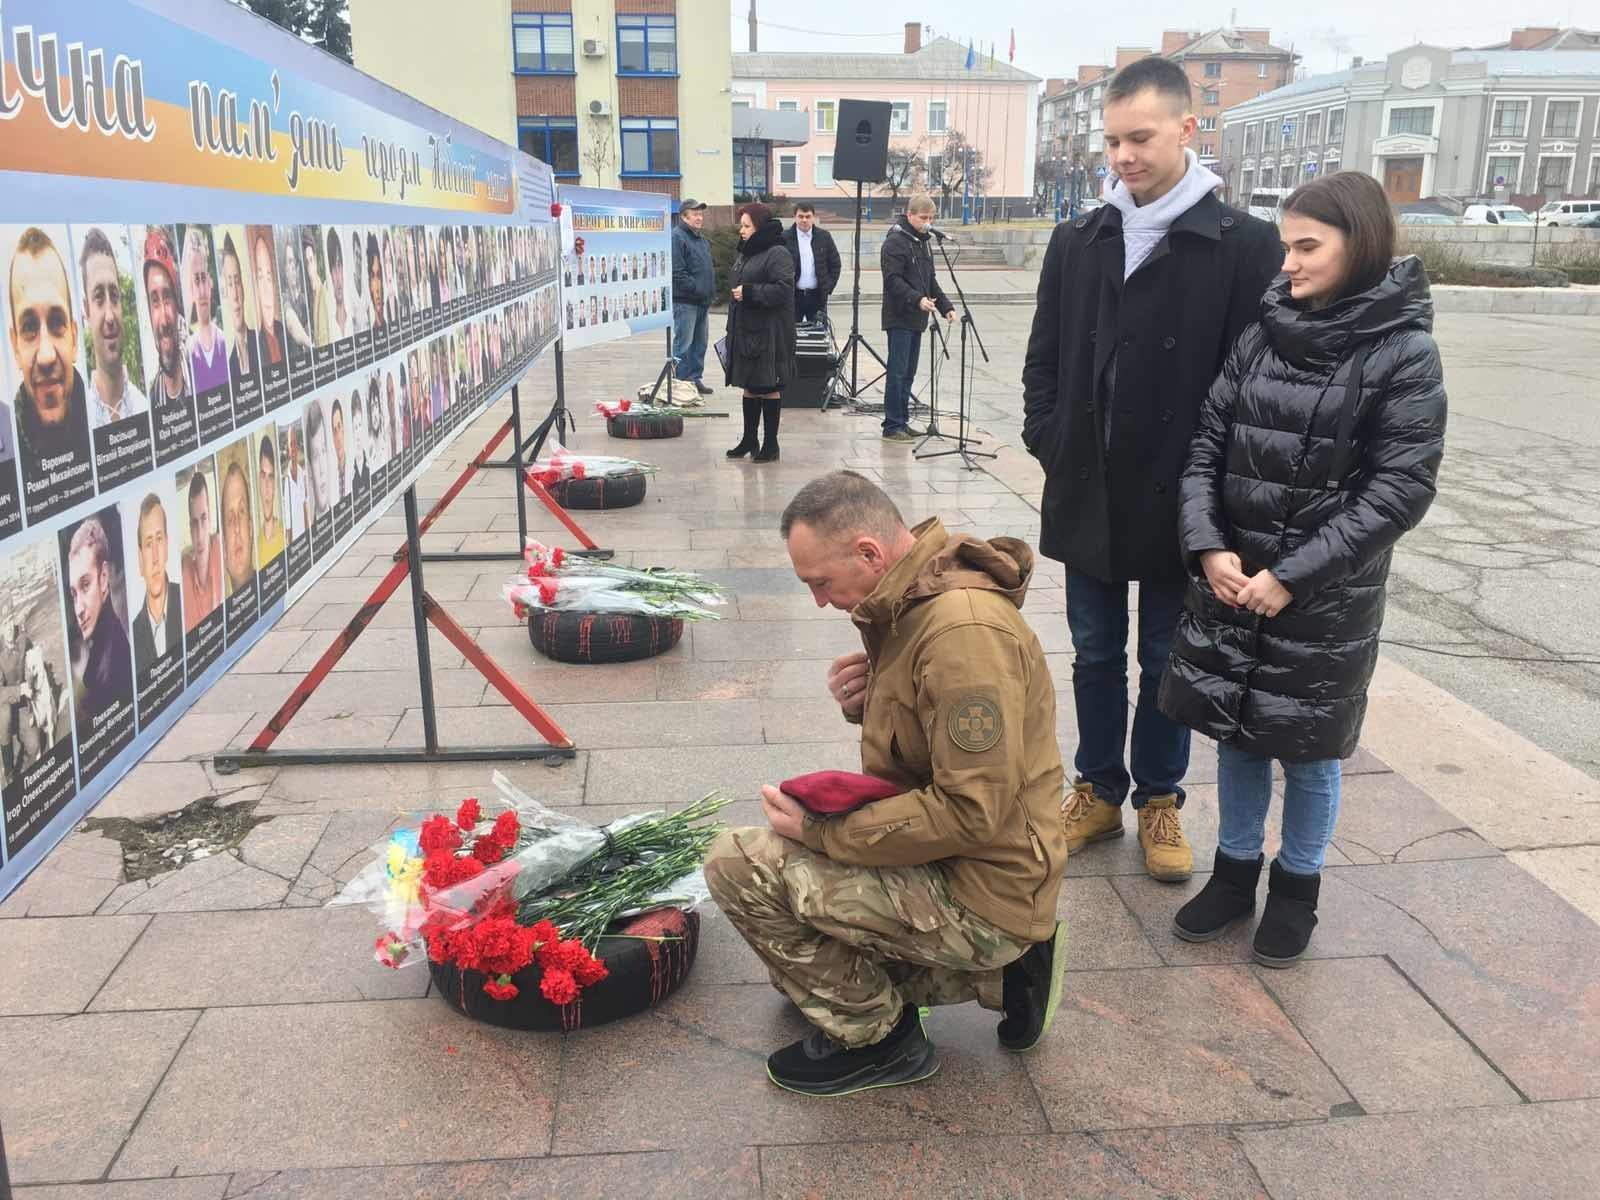 І зупинилось серце молоде, щоб вічно билось серце України